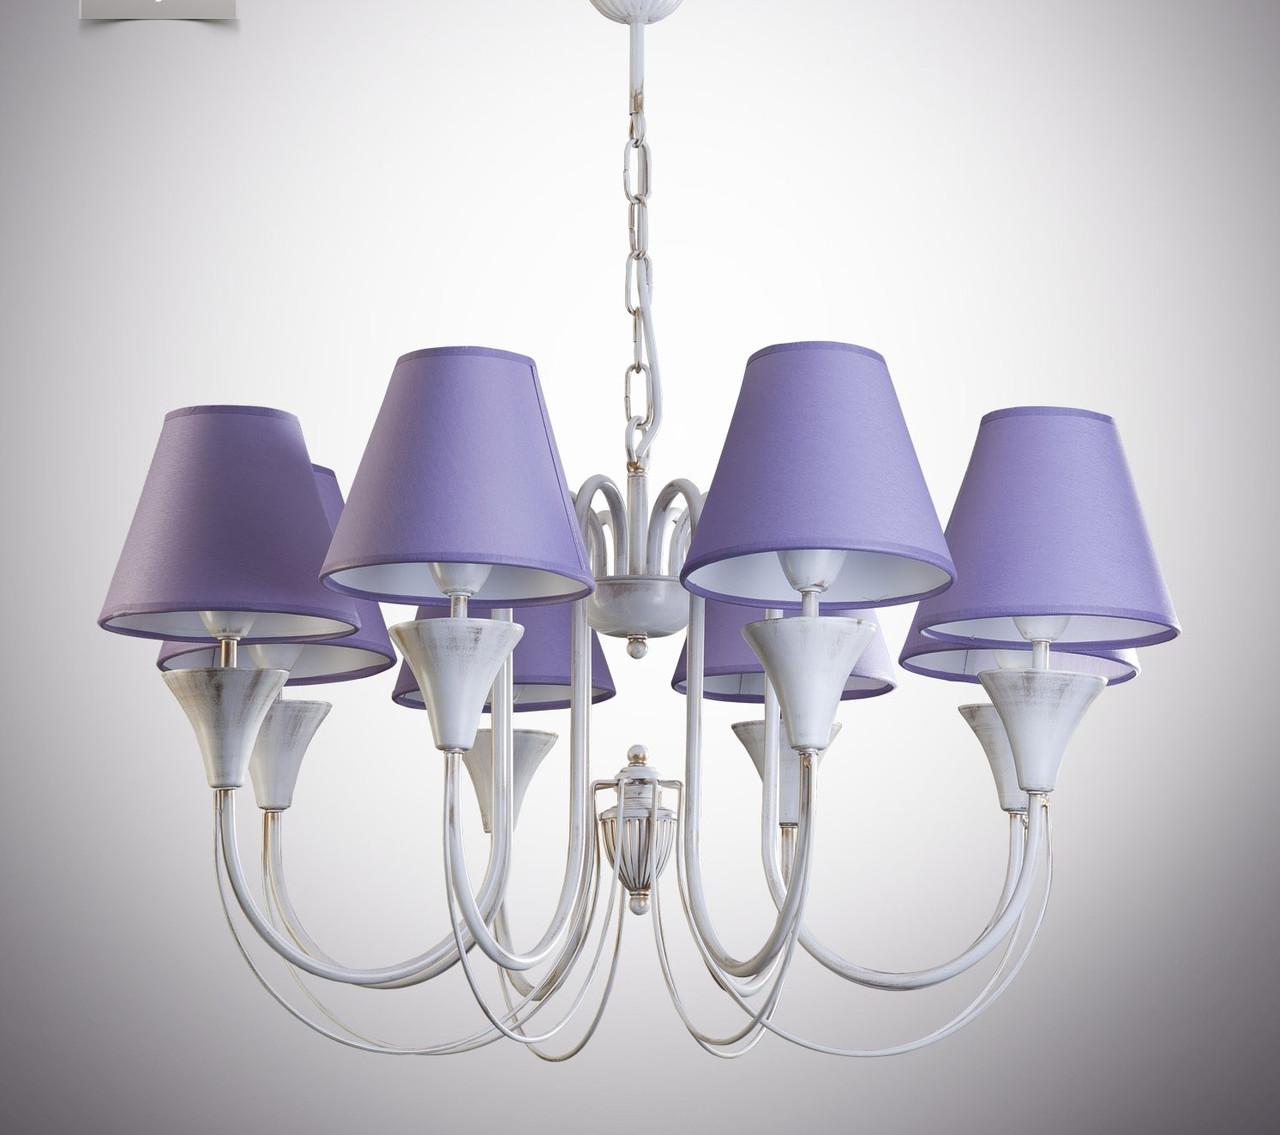 Люстра для большой комнаты, спальни, 8-ти ламповая 14408